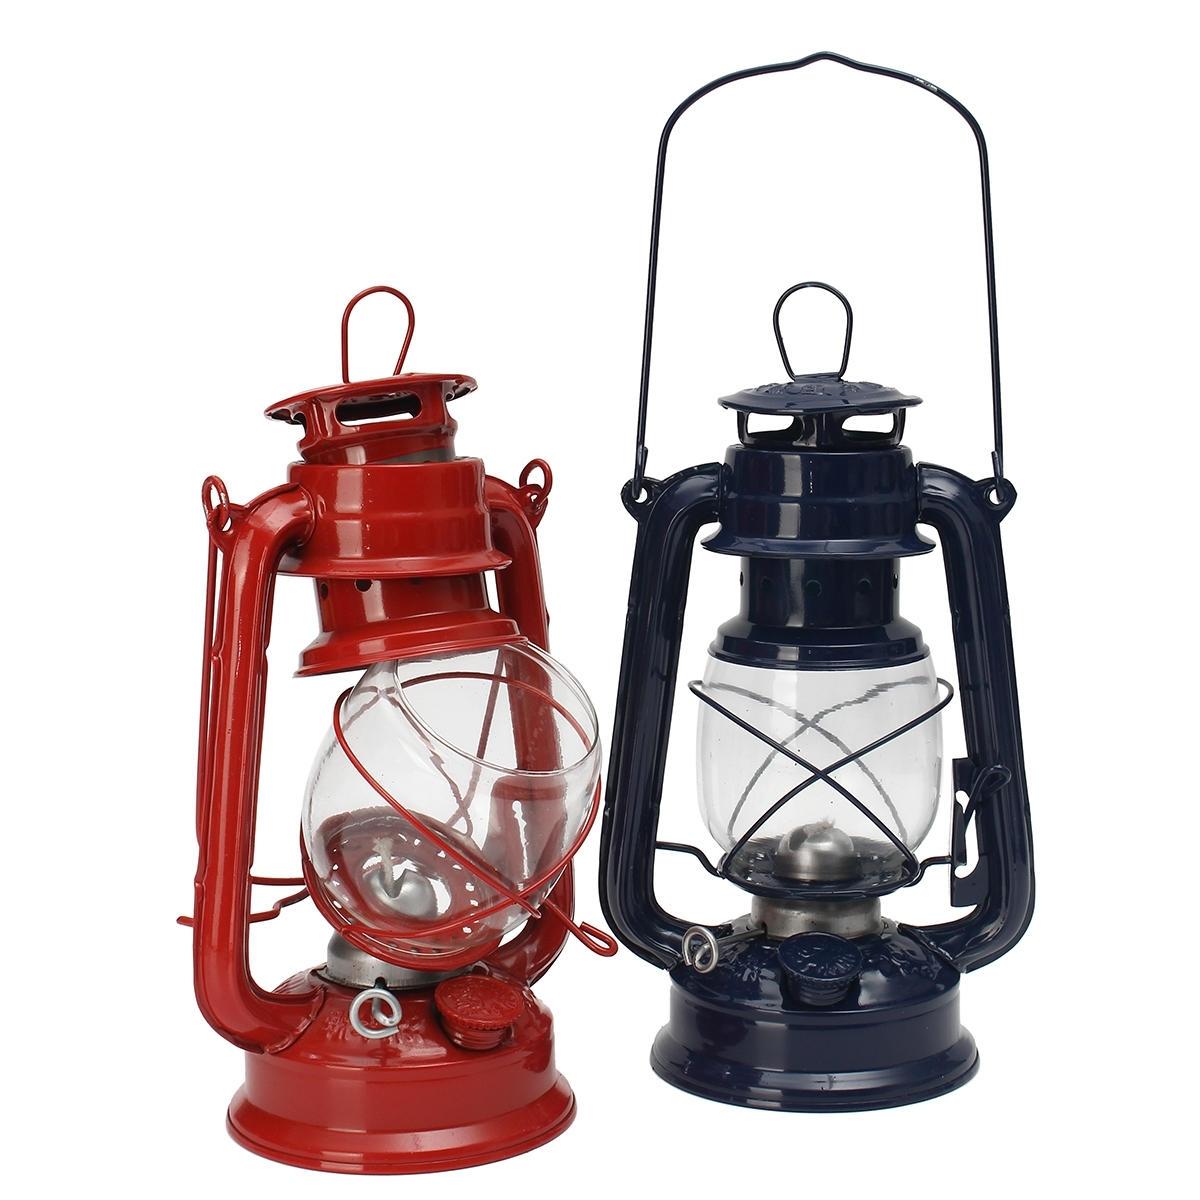 Vintage Oil Lamp Lantern Kerosene Paraffin Hurricane Lamp Light Throughout Most Popular Outdoor Kerosene Lanterns (View 18 of 20)